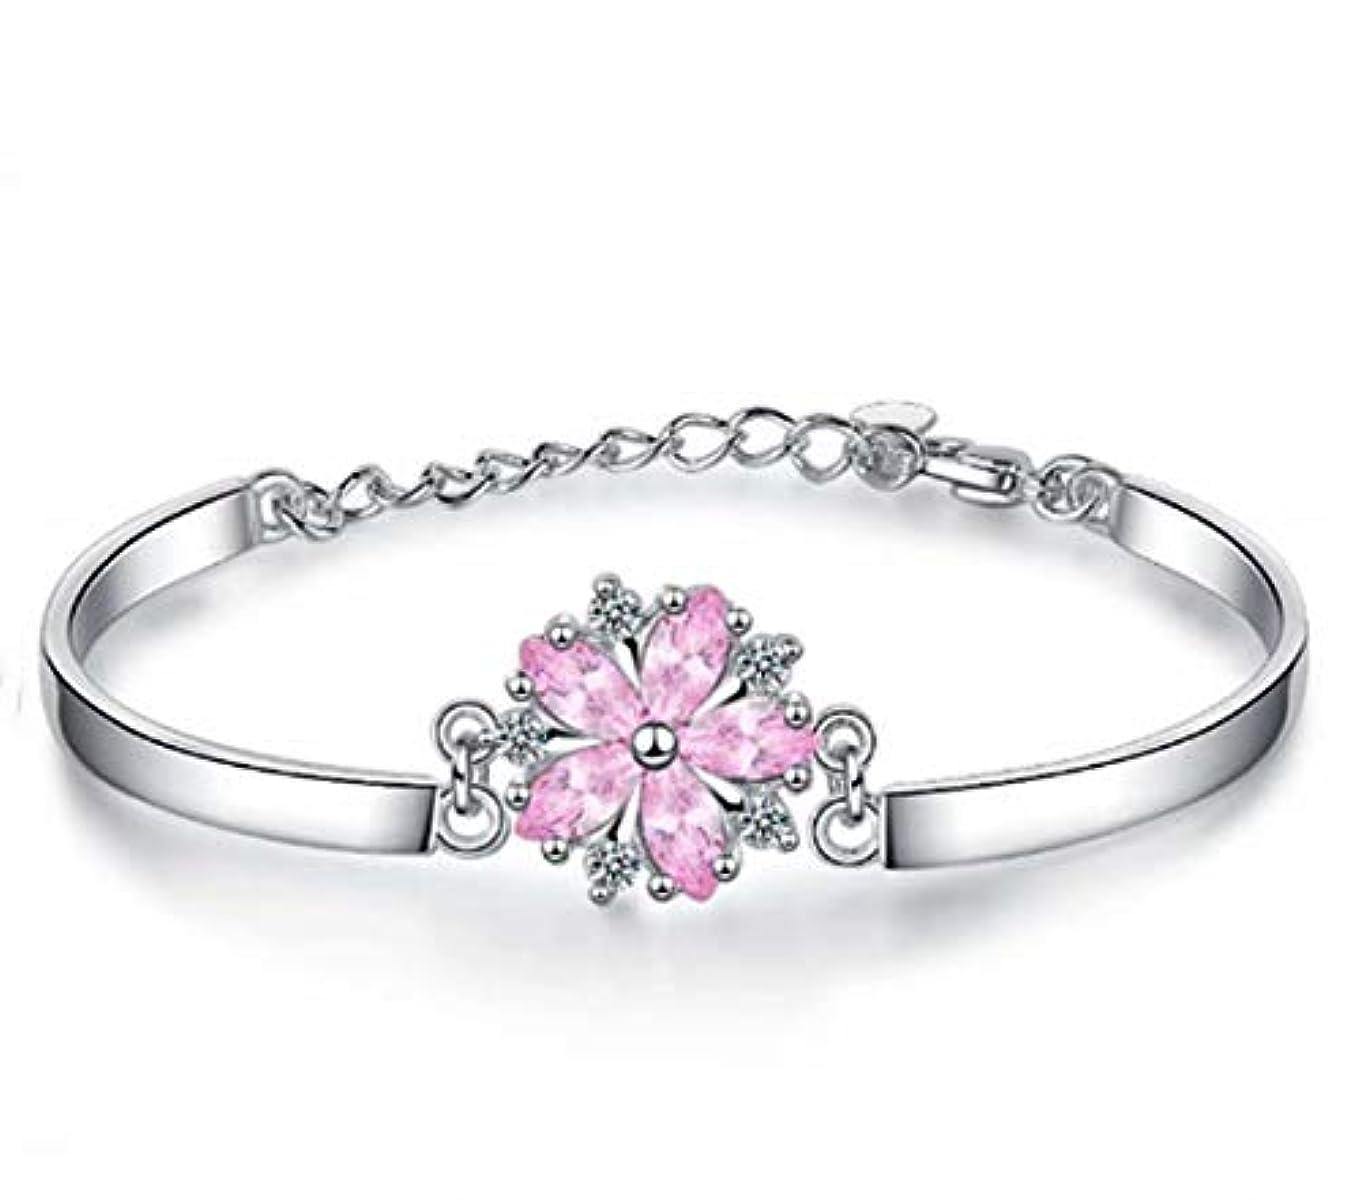 境界小さなターミナル七里の香 サクラブレスレットレディース フラワー 桜の花 ピンク腕輪 バングル 花びら ギフト 長さ調整可